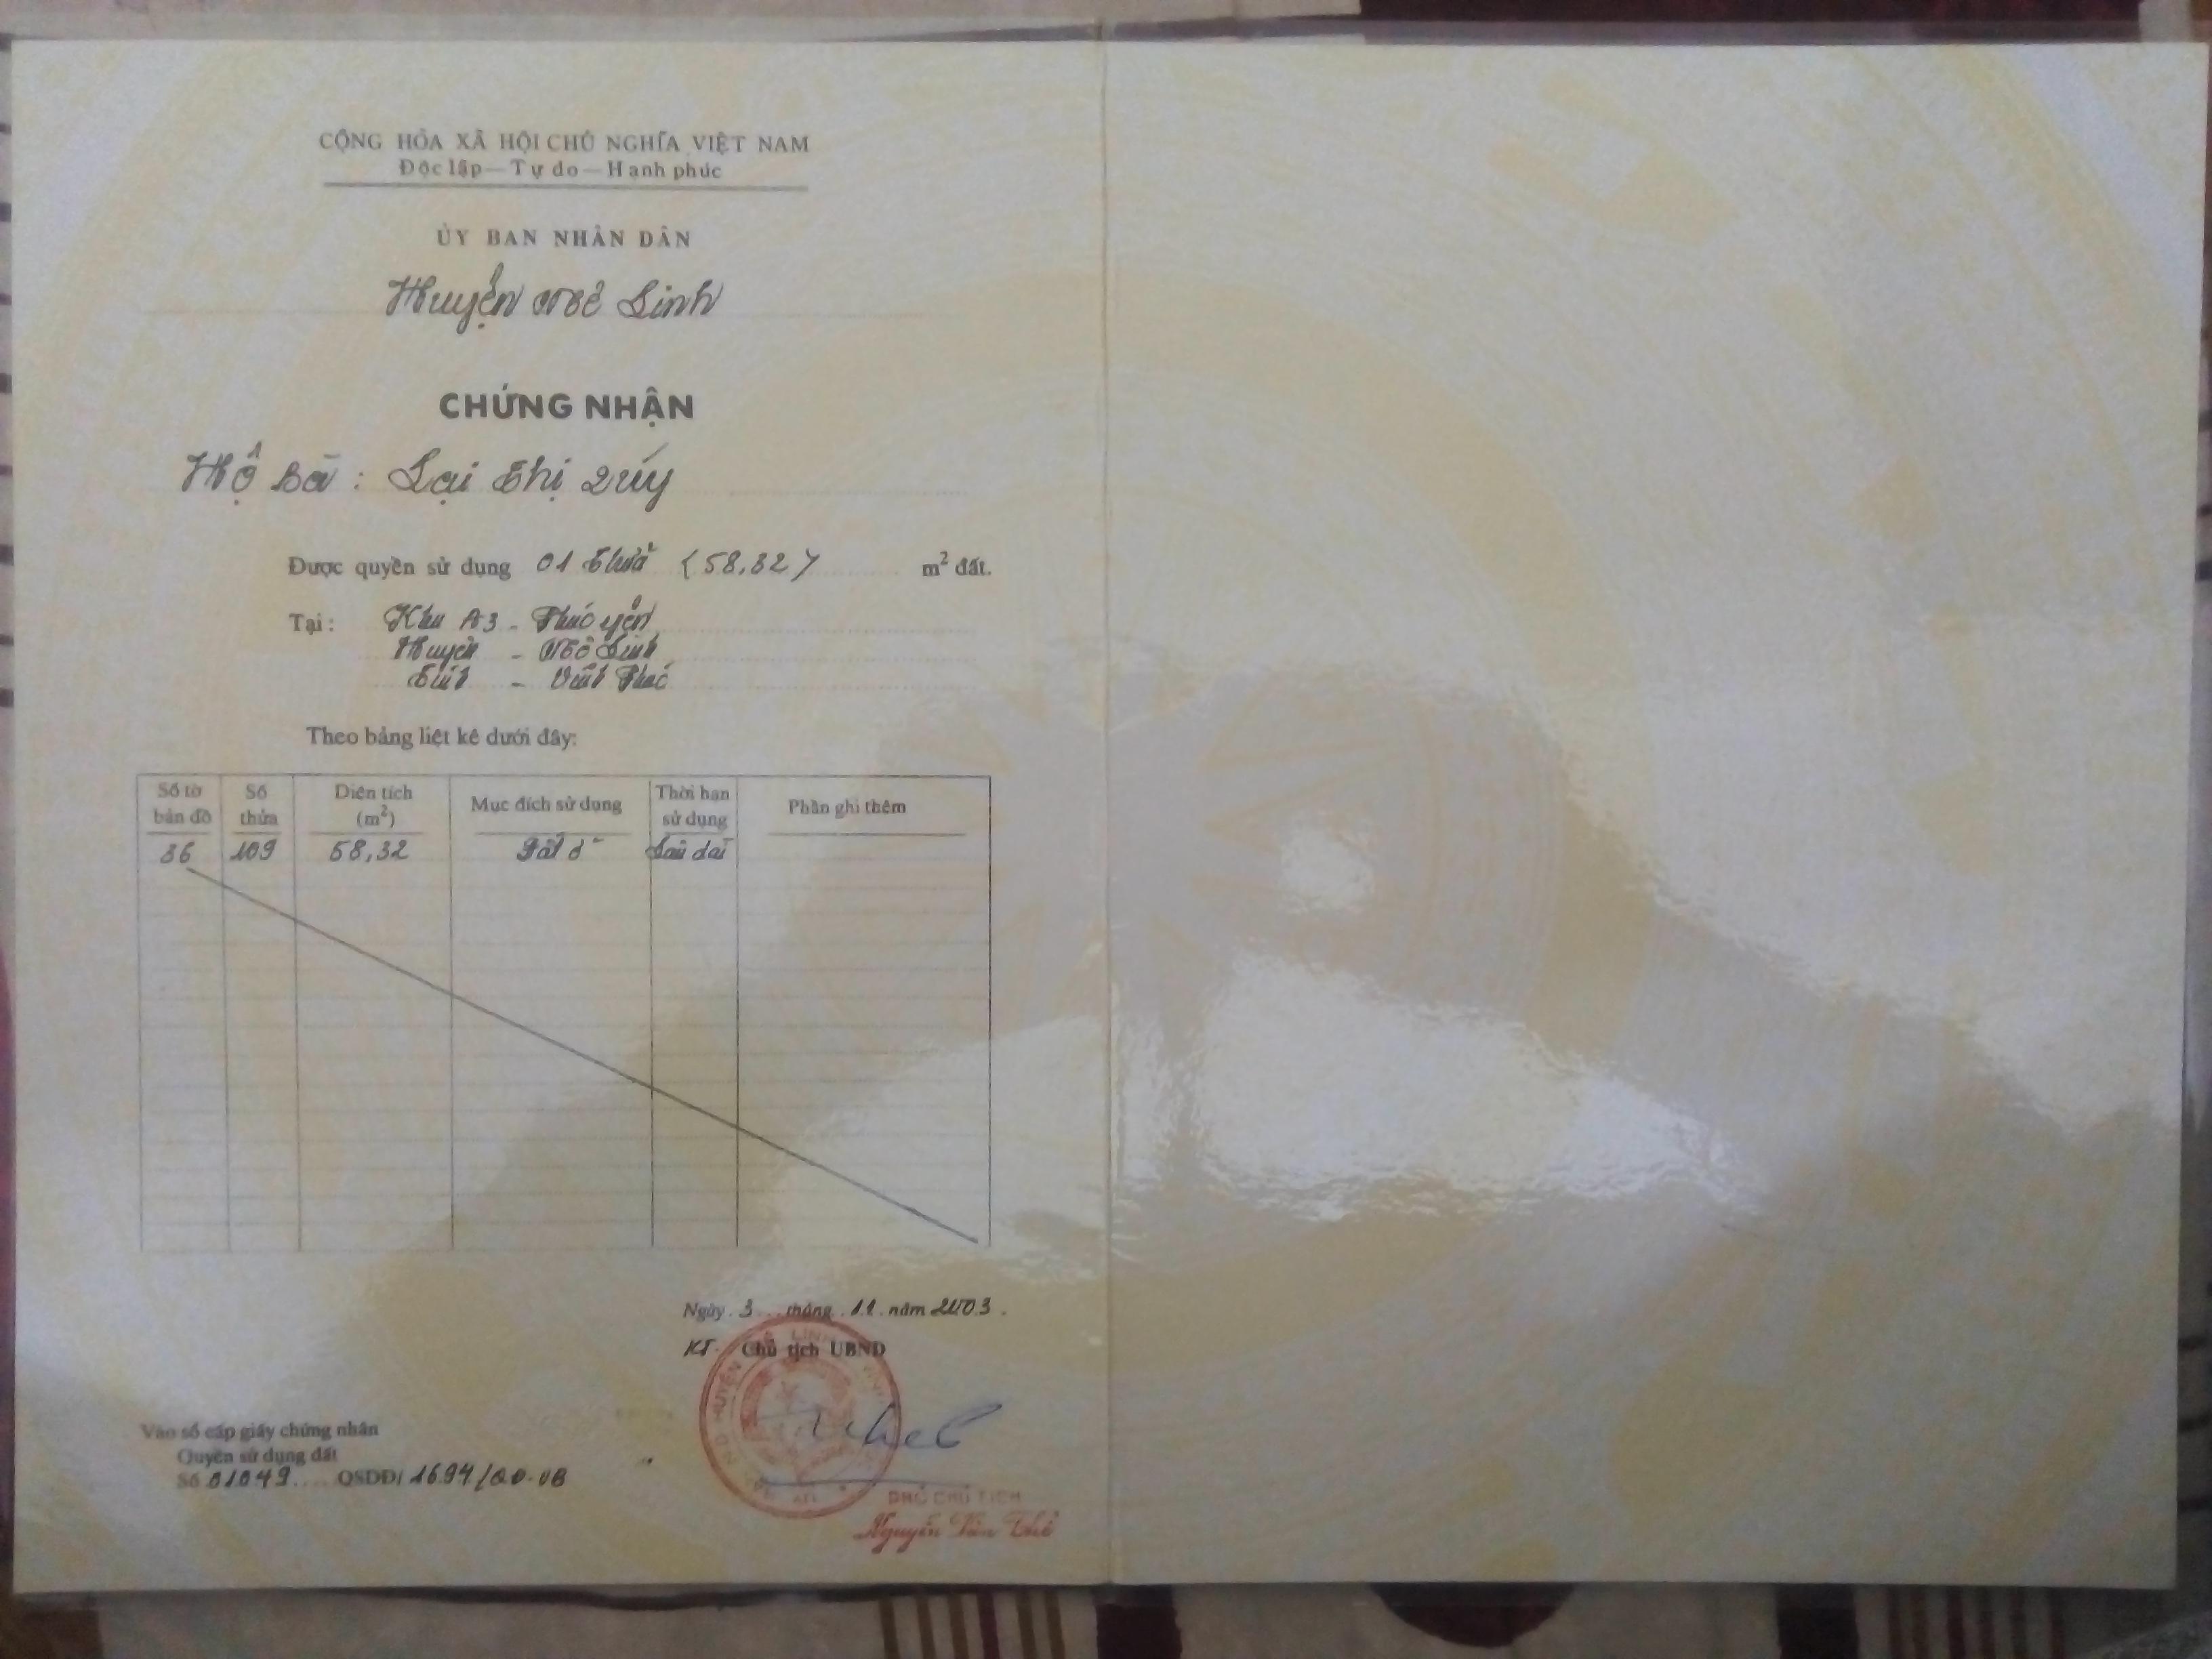 Cần bán đất sổ đỏ chính chủ tại số nhà 52 phố Lạc Long Quân, phường Hùng Vương, Phúc Yên